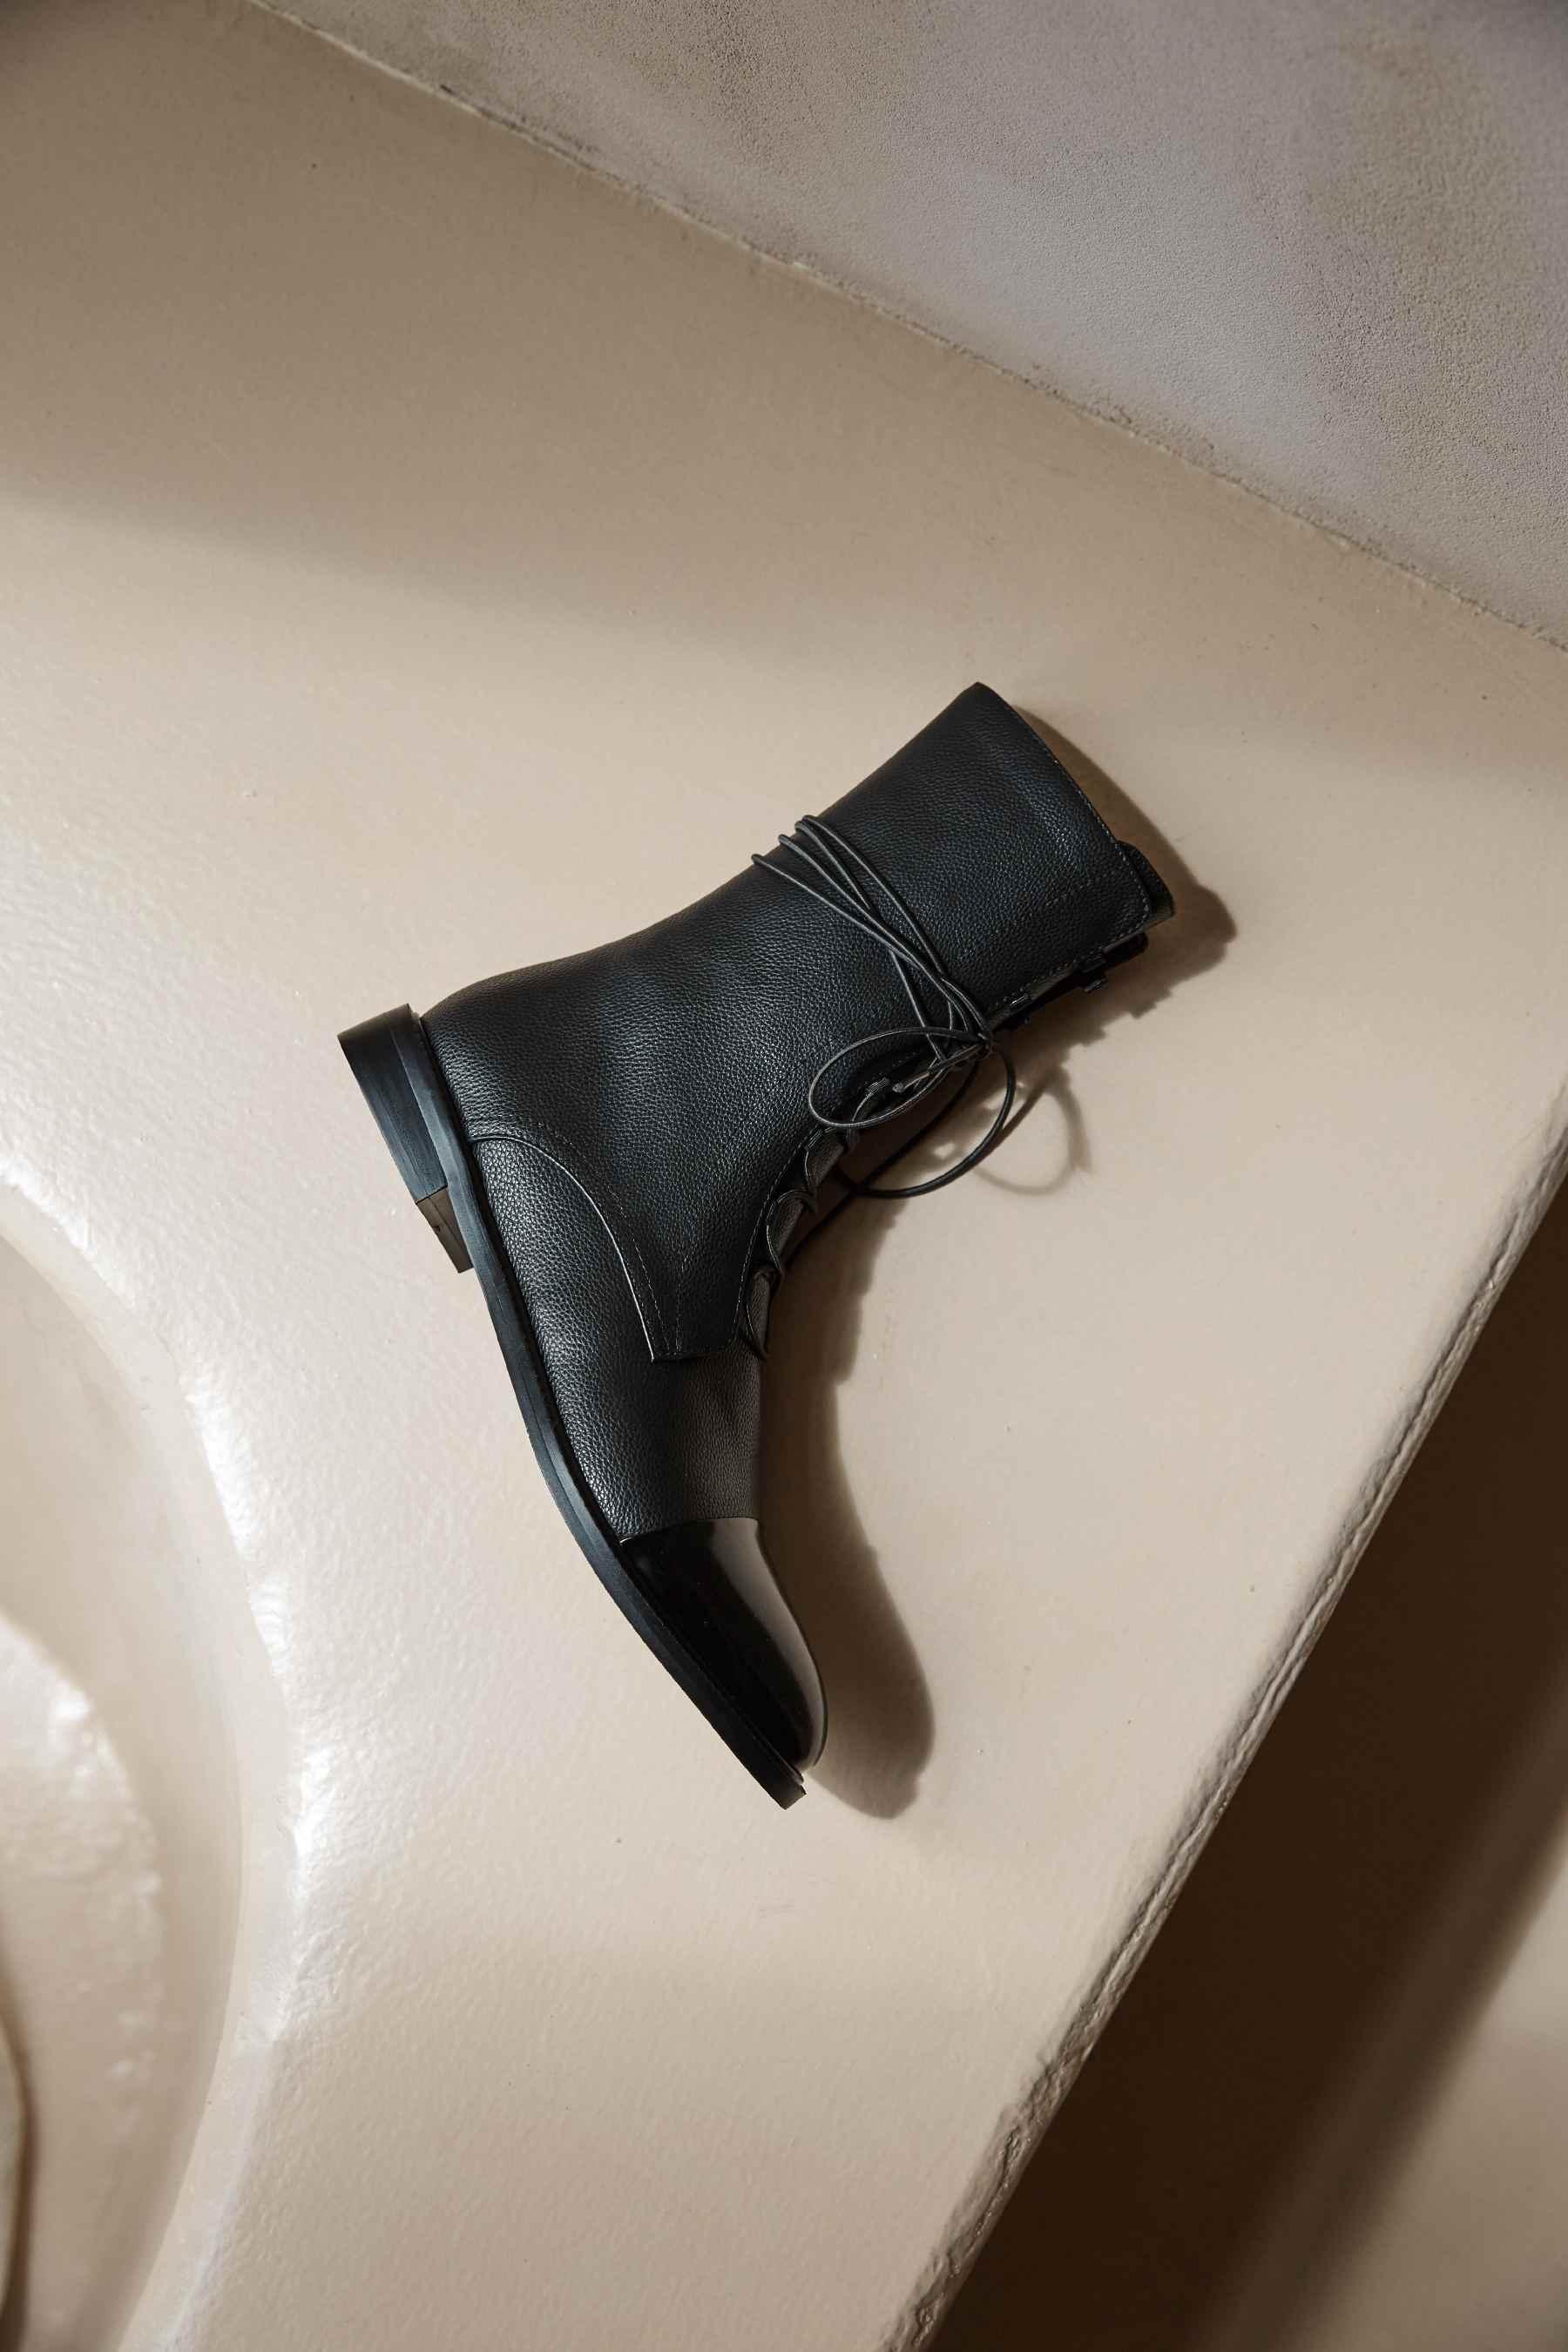 Lenkisen hakiki deri düşük topuklu yuvarlak ayak moda dantel up İngiliz kış klasik katı sıcak tutmak rahat yarım çizmeler L22